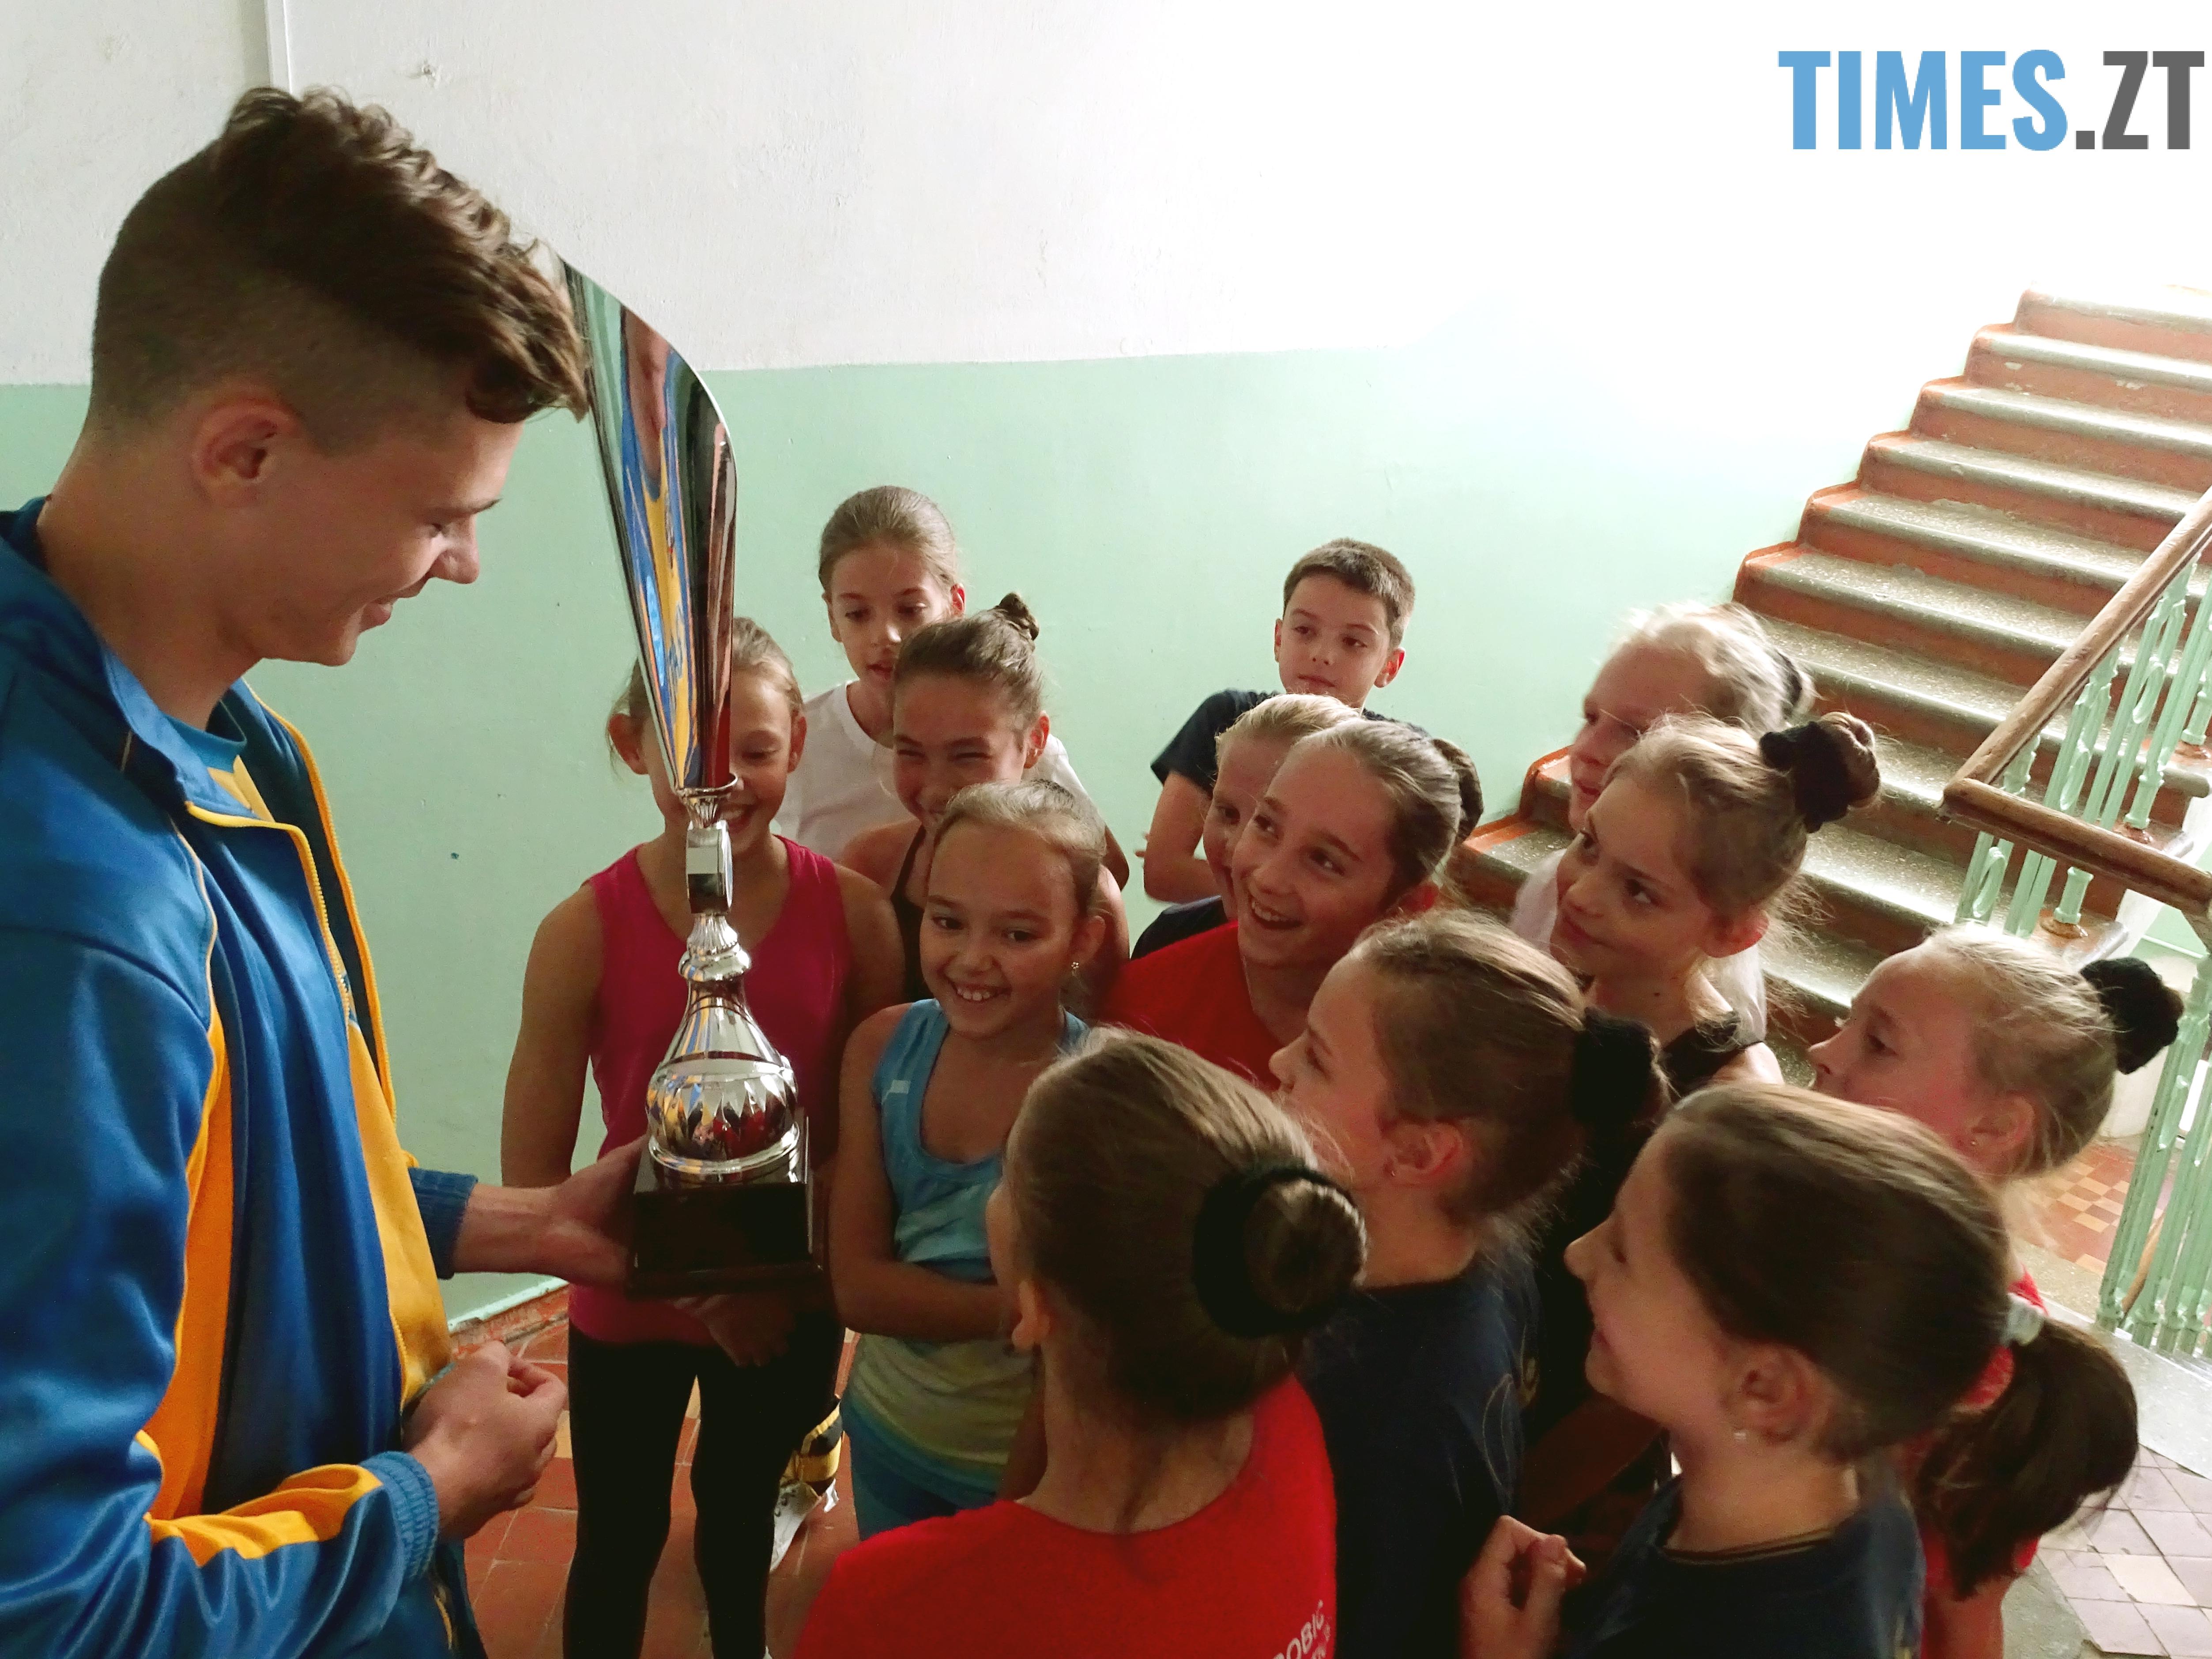 DSC02034 - Як одноклубники зустріли житомирського кікбоксера Артема Мельника, який став чемпіоном світу-2018 WAKO серед молоді (ФОТО)